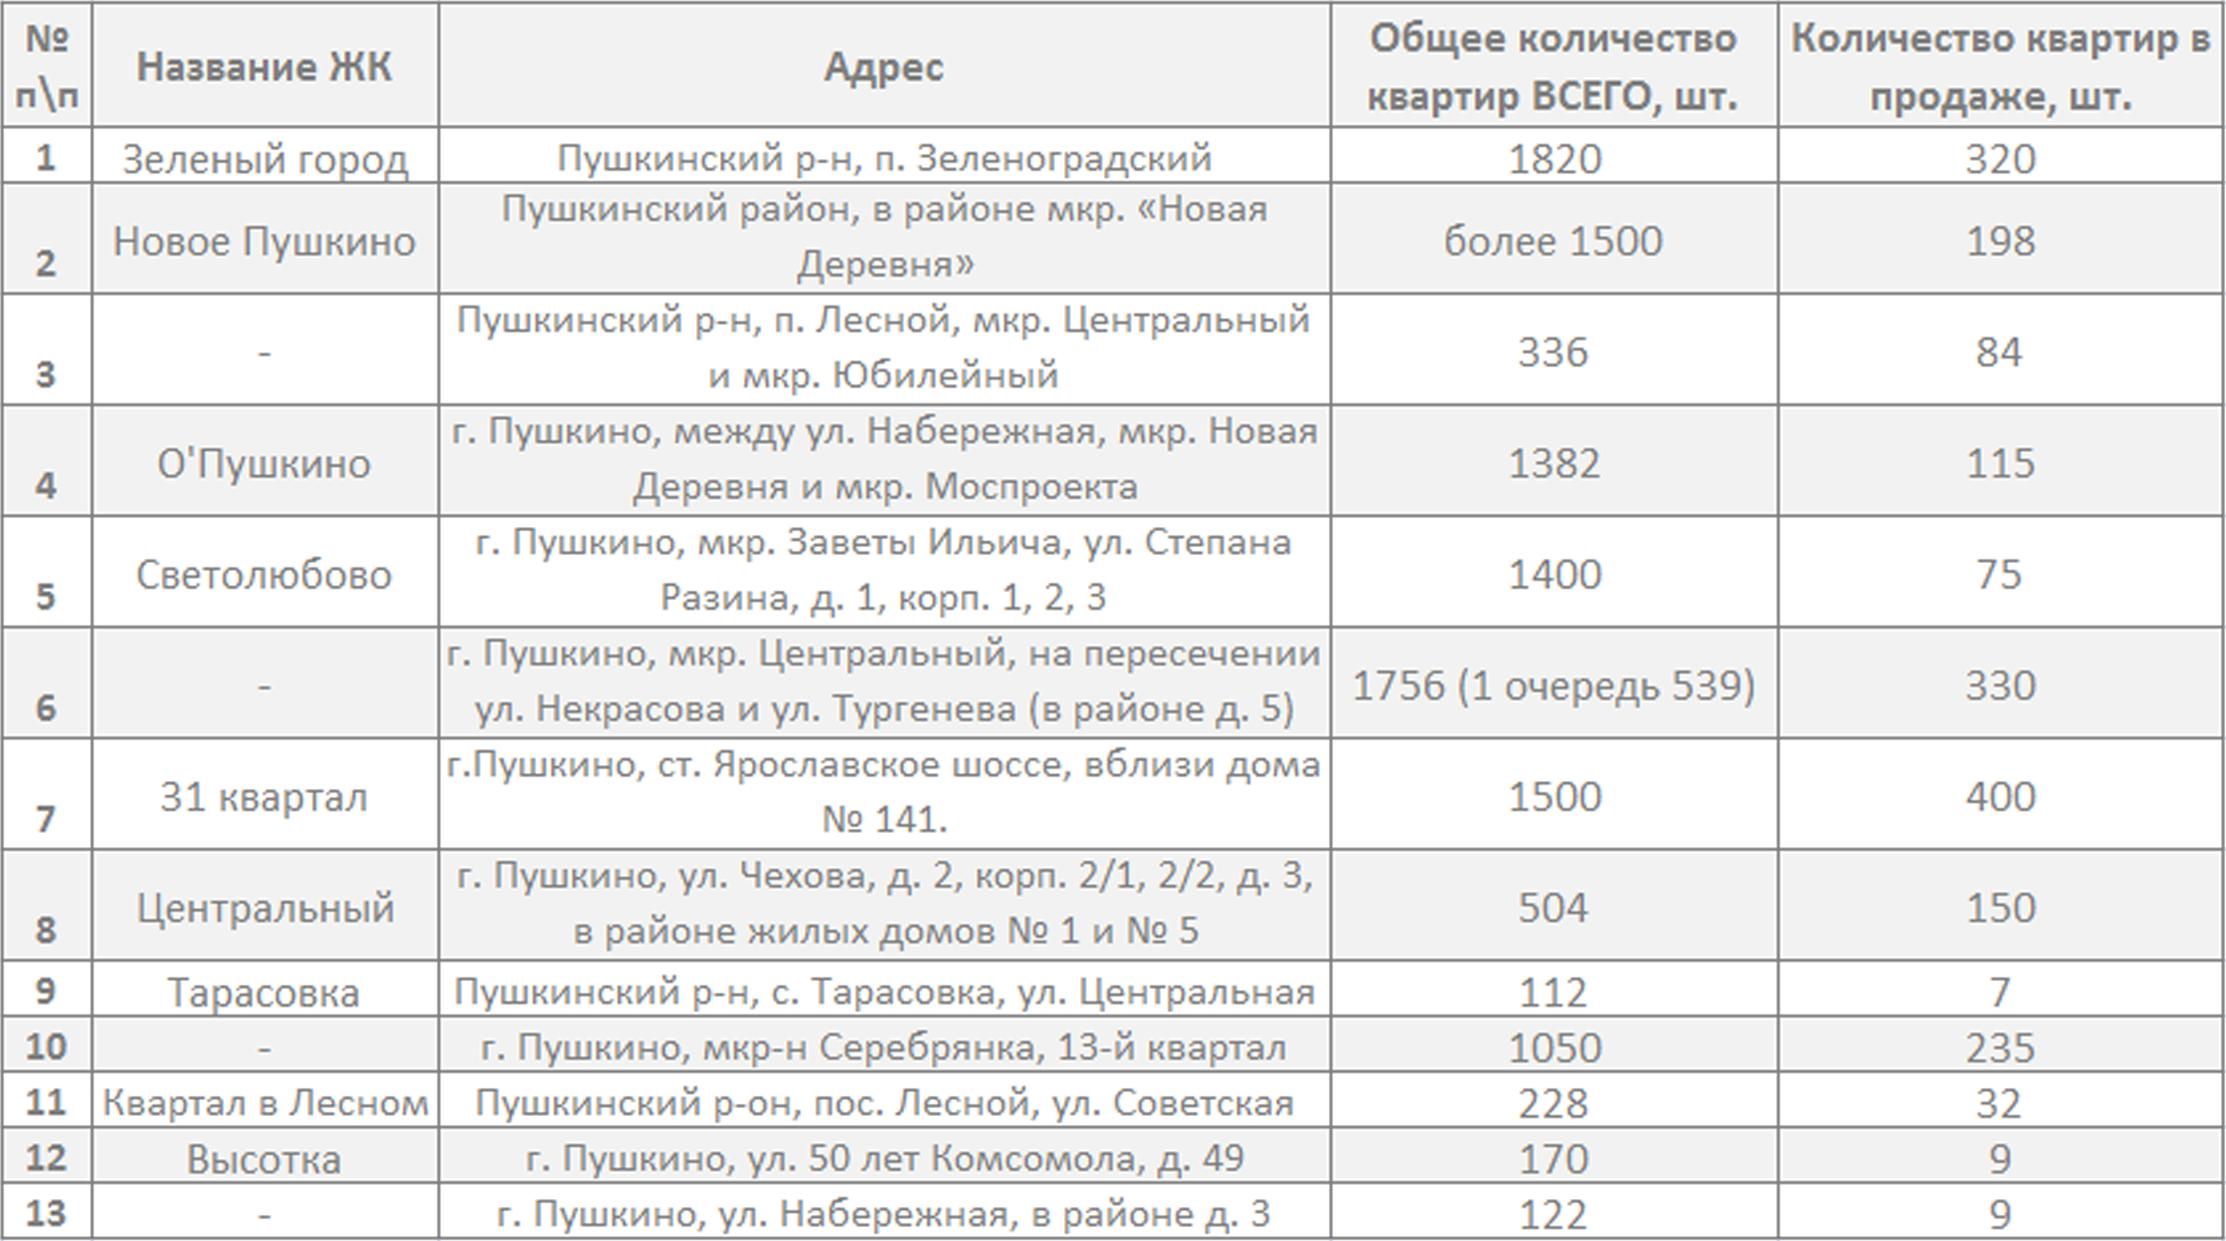 сравнительная таблица (рыночная конъюнктура)